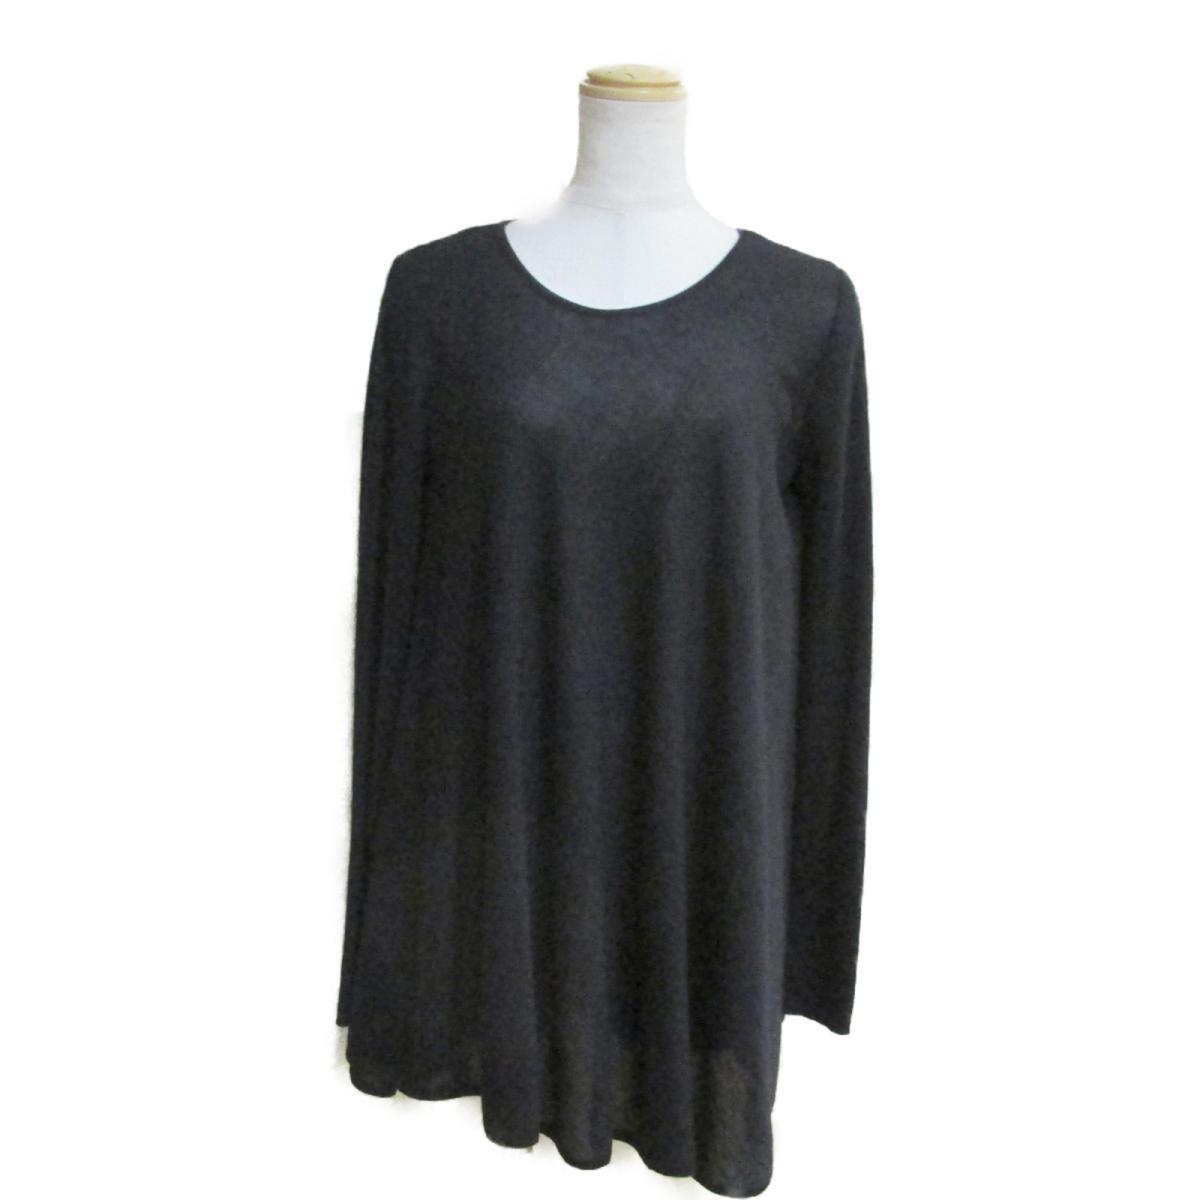 【中古】 ジャンバティスタ・ヴァリ セーター レディース 70%カシミア 30%シルク ブラック | GIAMBATTISTA VALLI BRANDOFF ブランドオフ 衣料品 衣類 ブランド